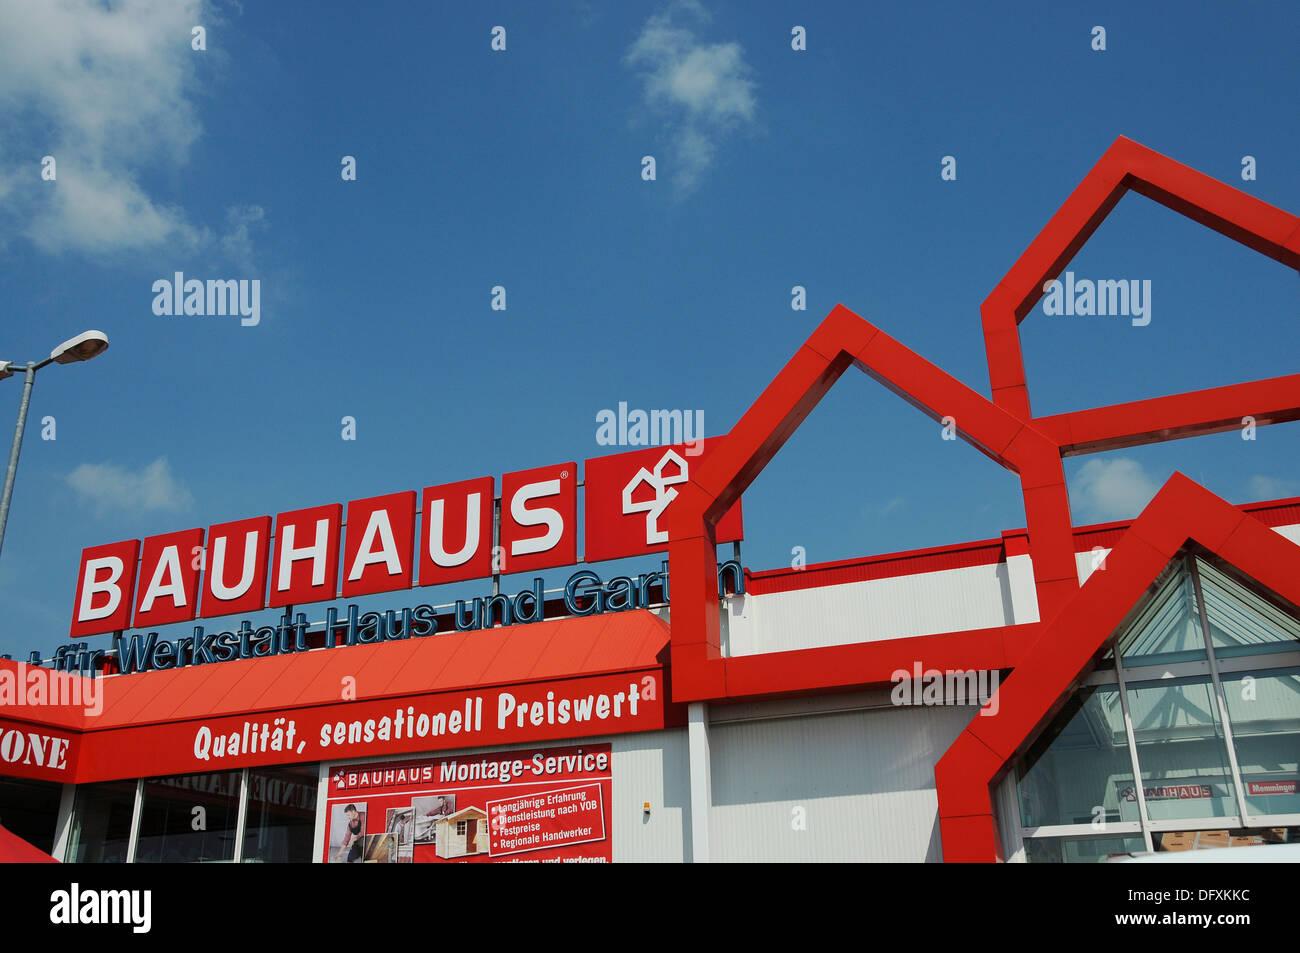 Bauhaus Halensee bauhaus store in deutschland stockfoto bild 61437136 alamy